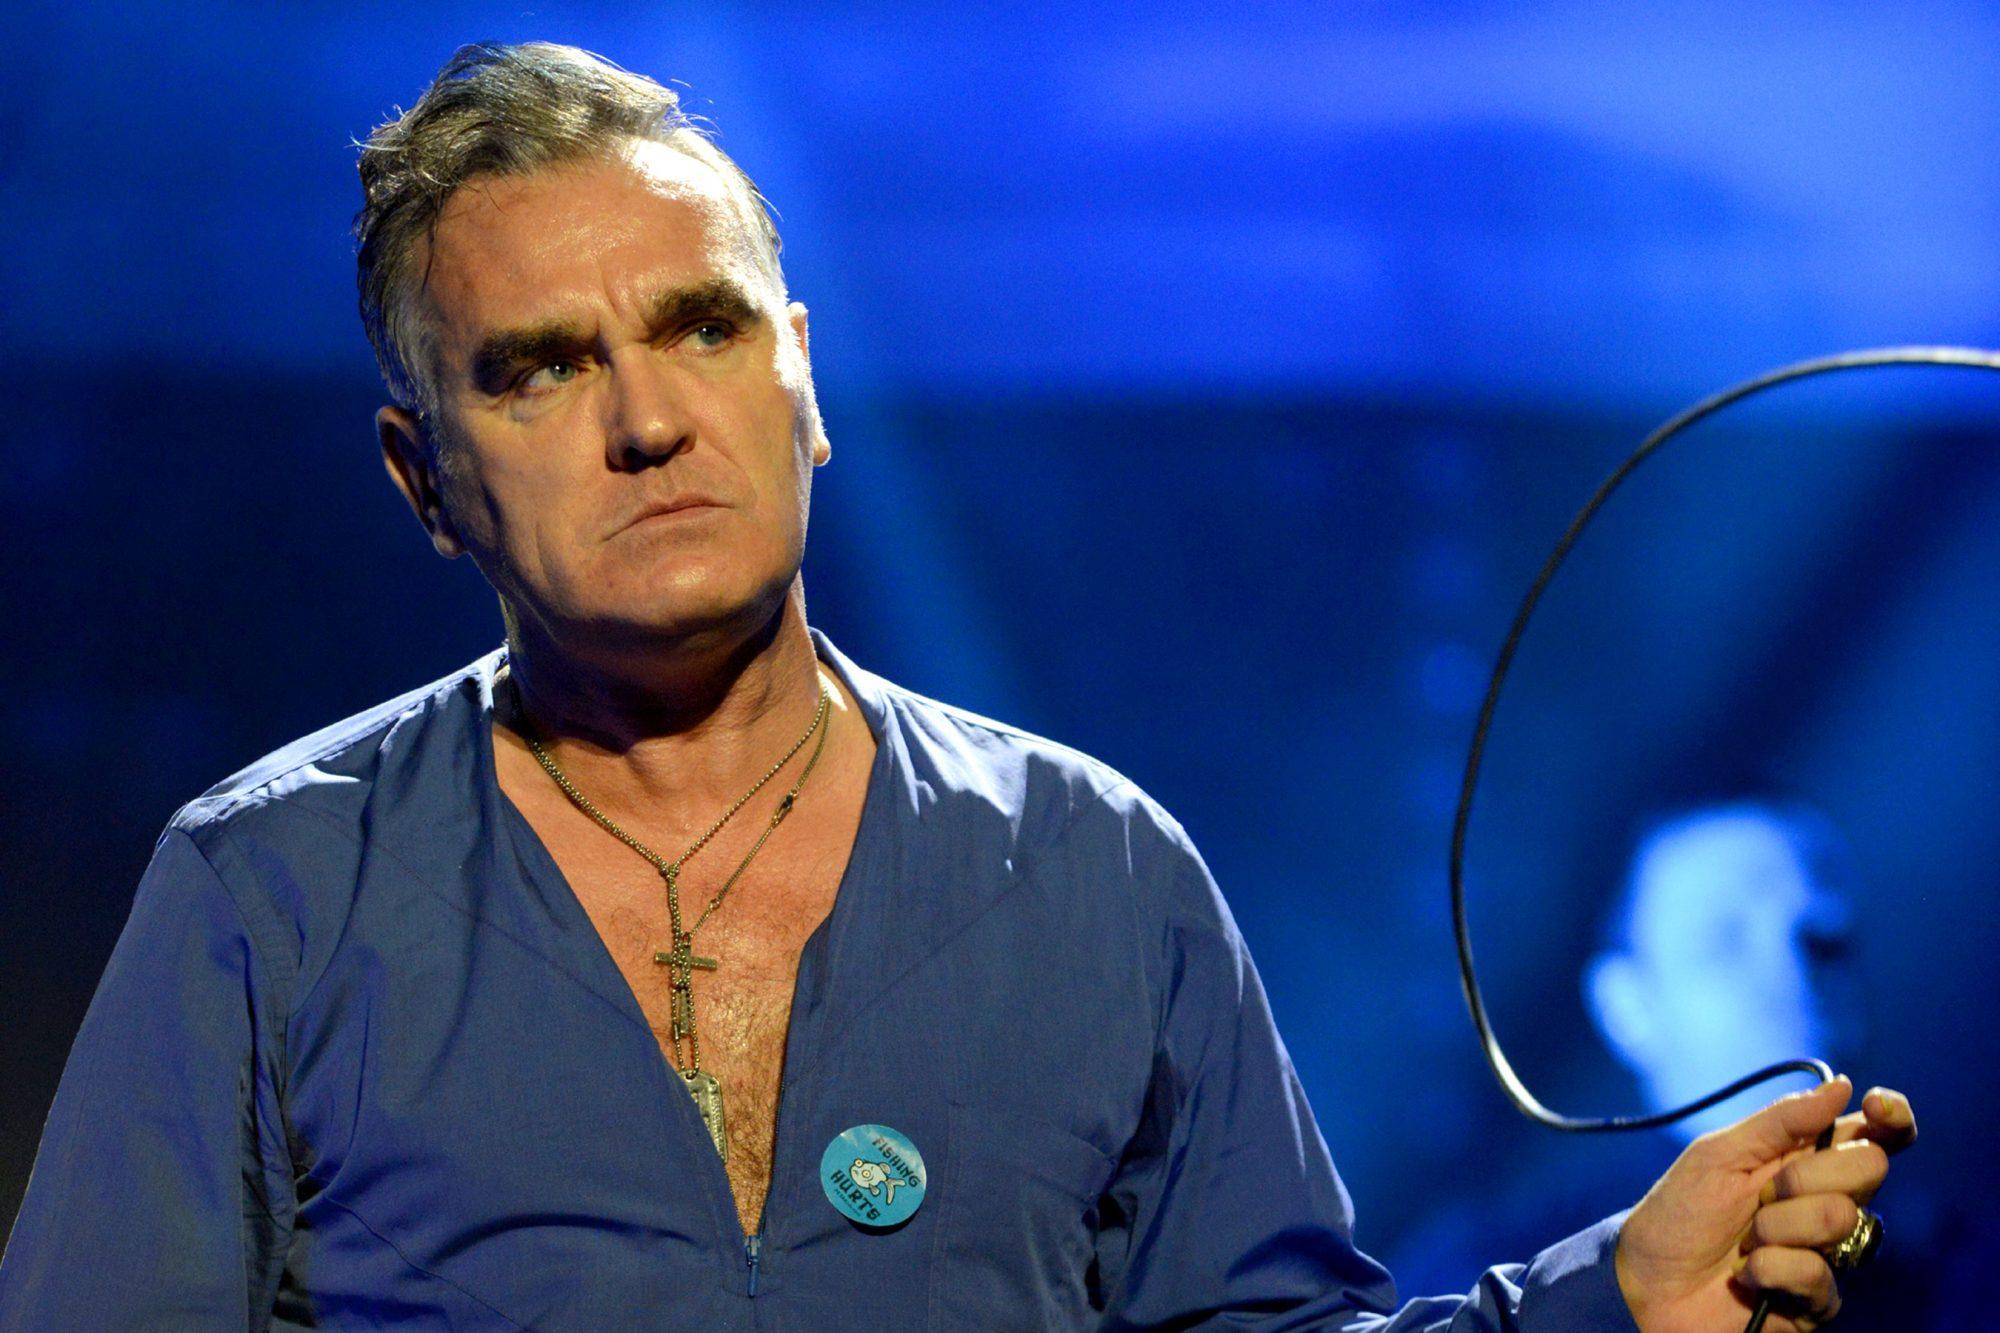 Morrissey In Concert - Davis, CA